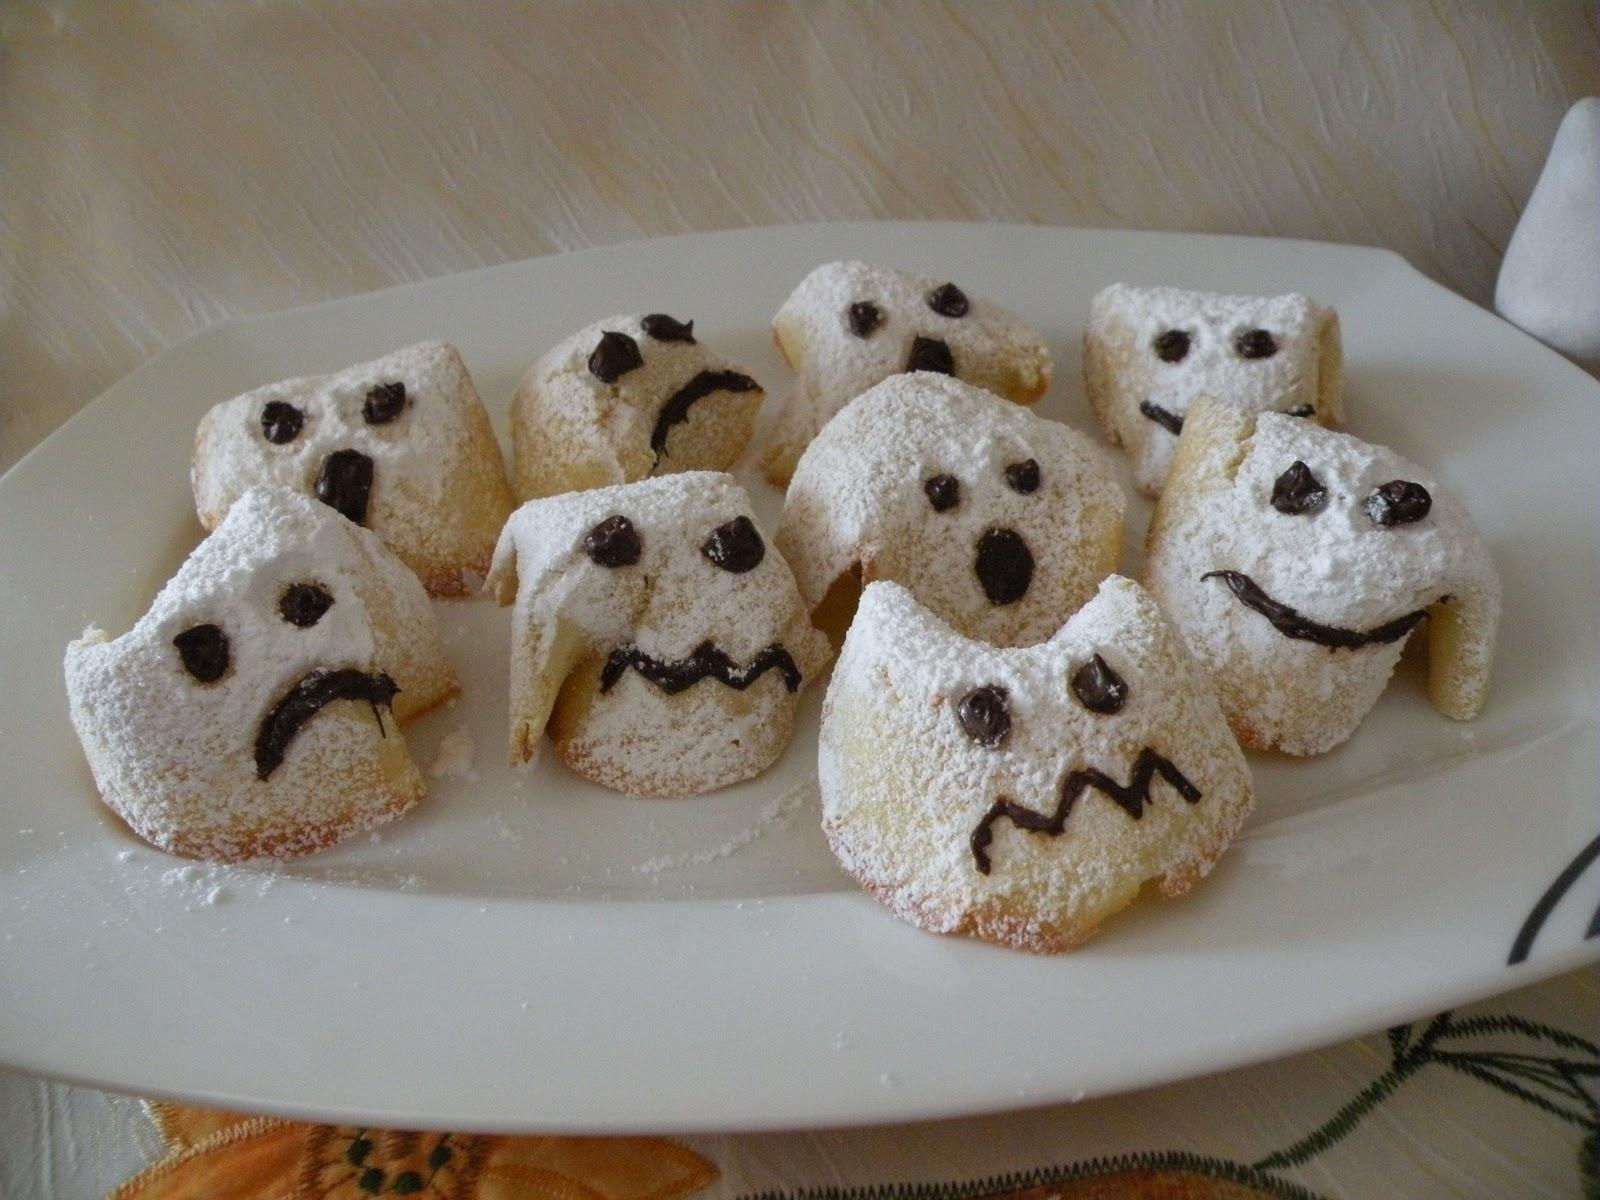 Kochen mit herz halloween spezial - Halloween muffins dekorieren ...